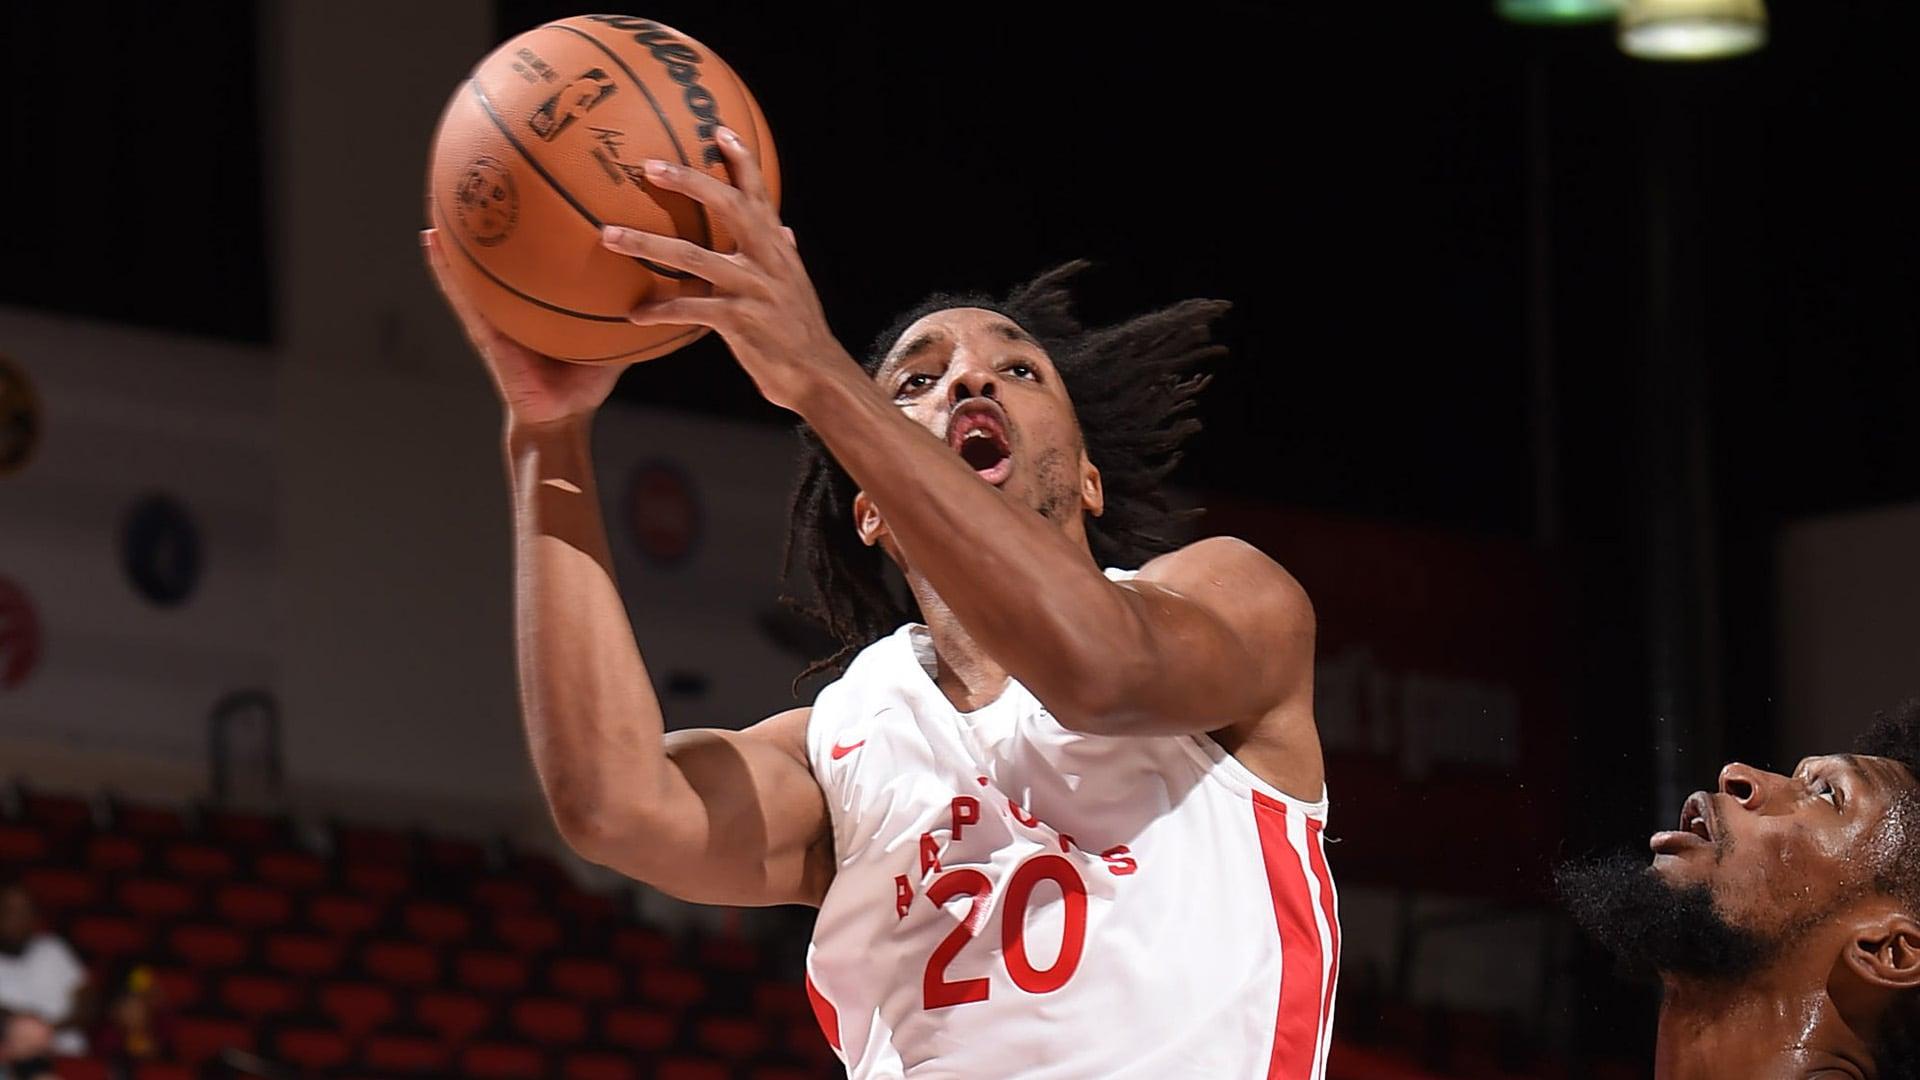 Las Vegas Summer League: Bench powers Raptors past Nets